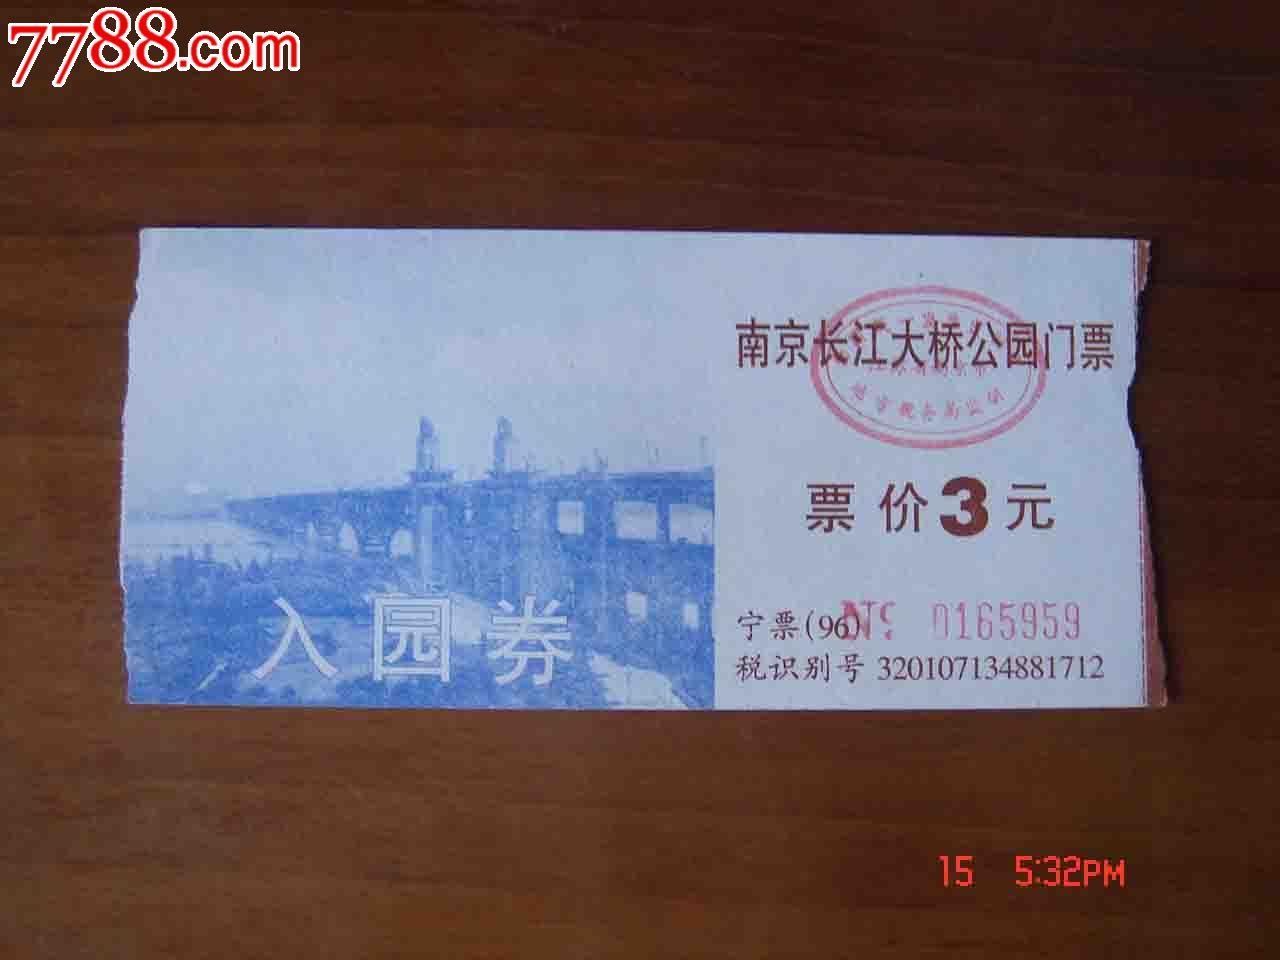 江苏南京长江大桥公园参观券201